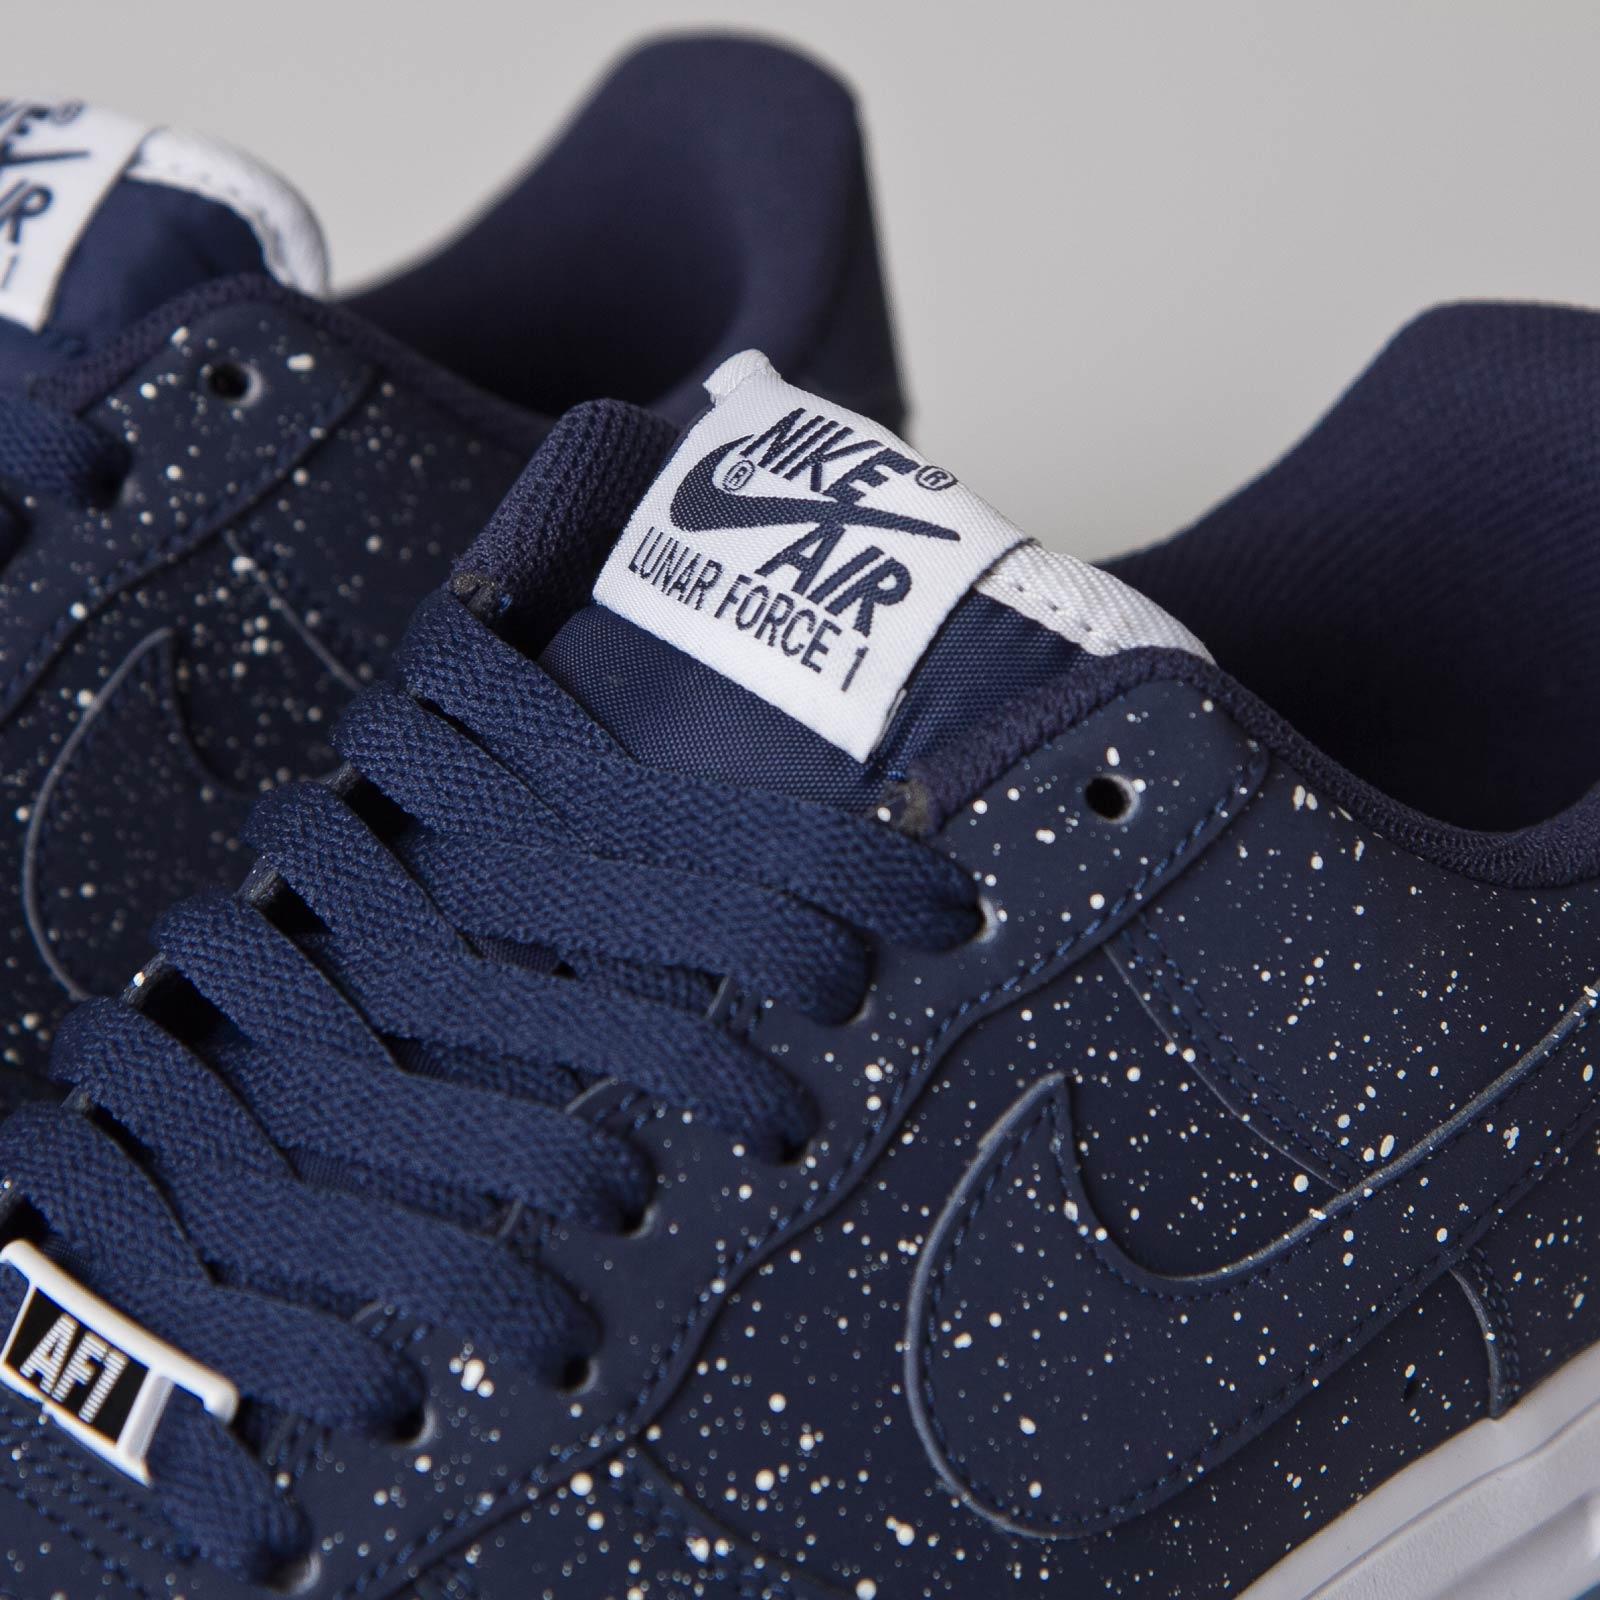 on sale 0d1b4 31f55 Nike Lunar Force 1 14 - 654256-402 - Sneakersnstuff   sneakers   streetwear  online since 1999